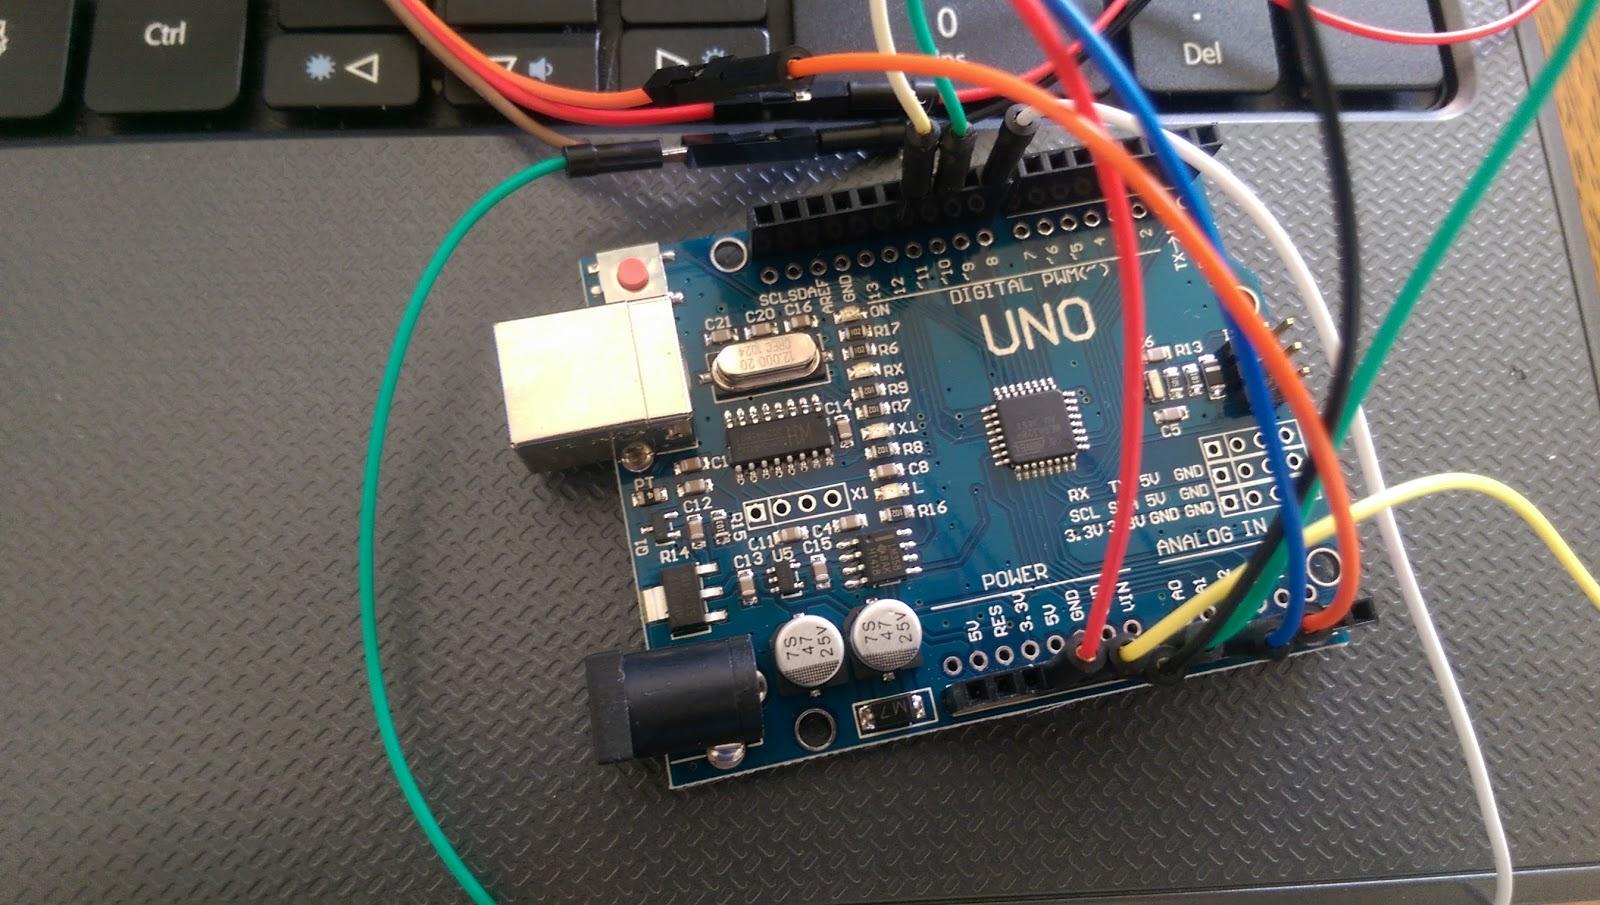 Andy Brown's blog: Arduino ESP8266 1-wire Dallas temperature, soil